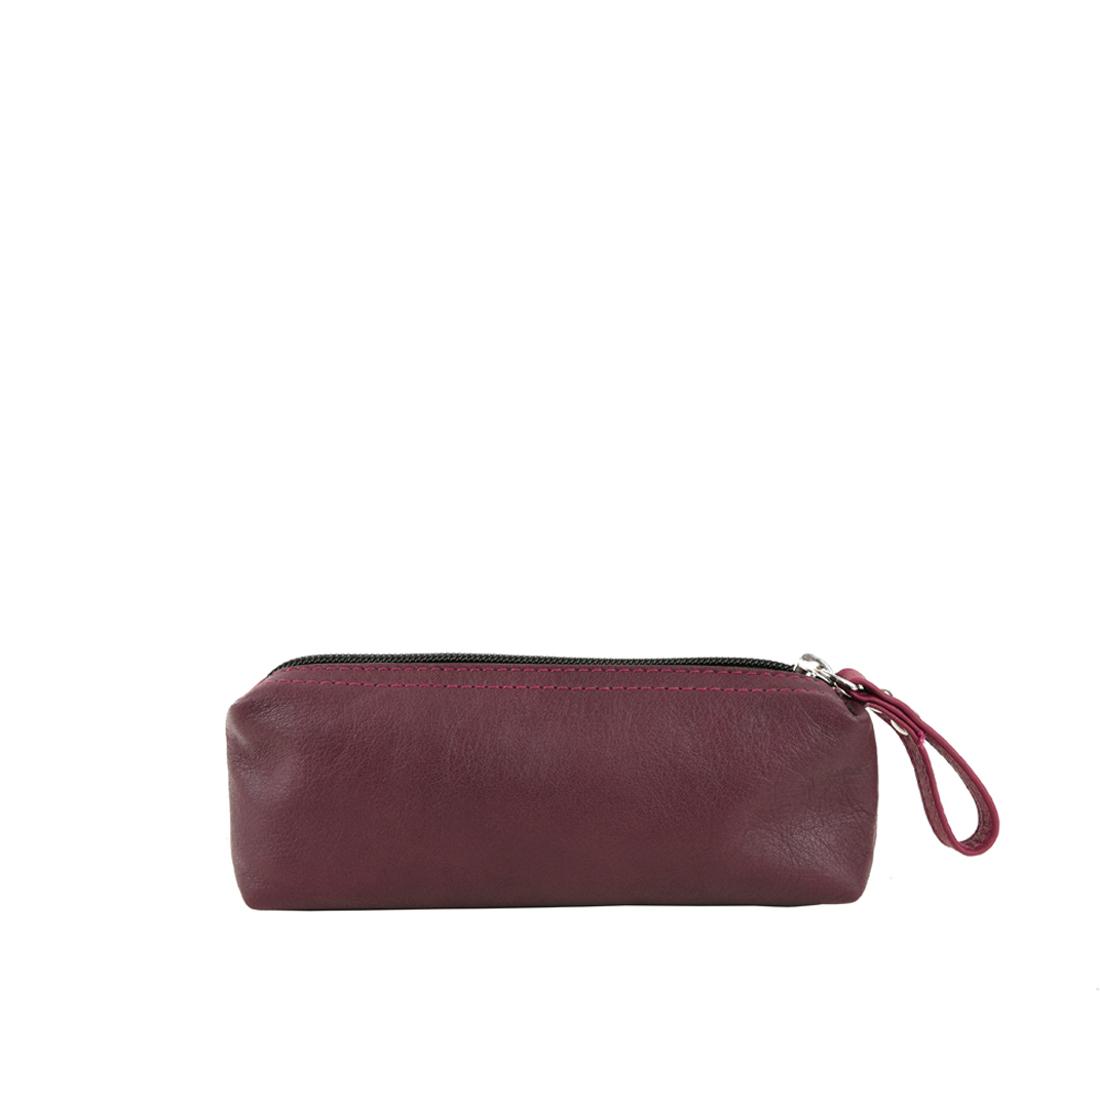 Make Up Bag In Magenta